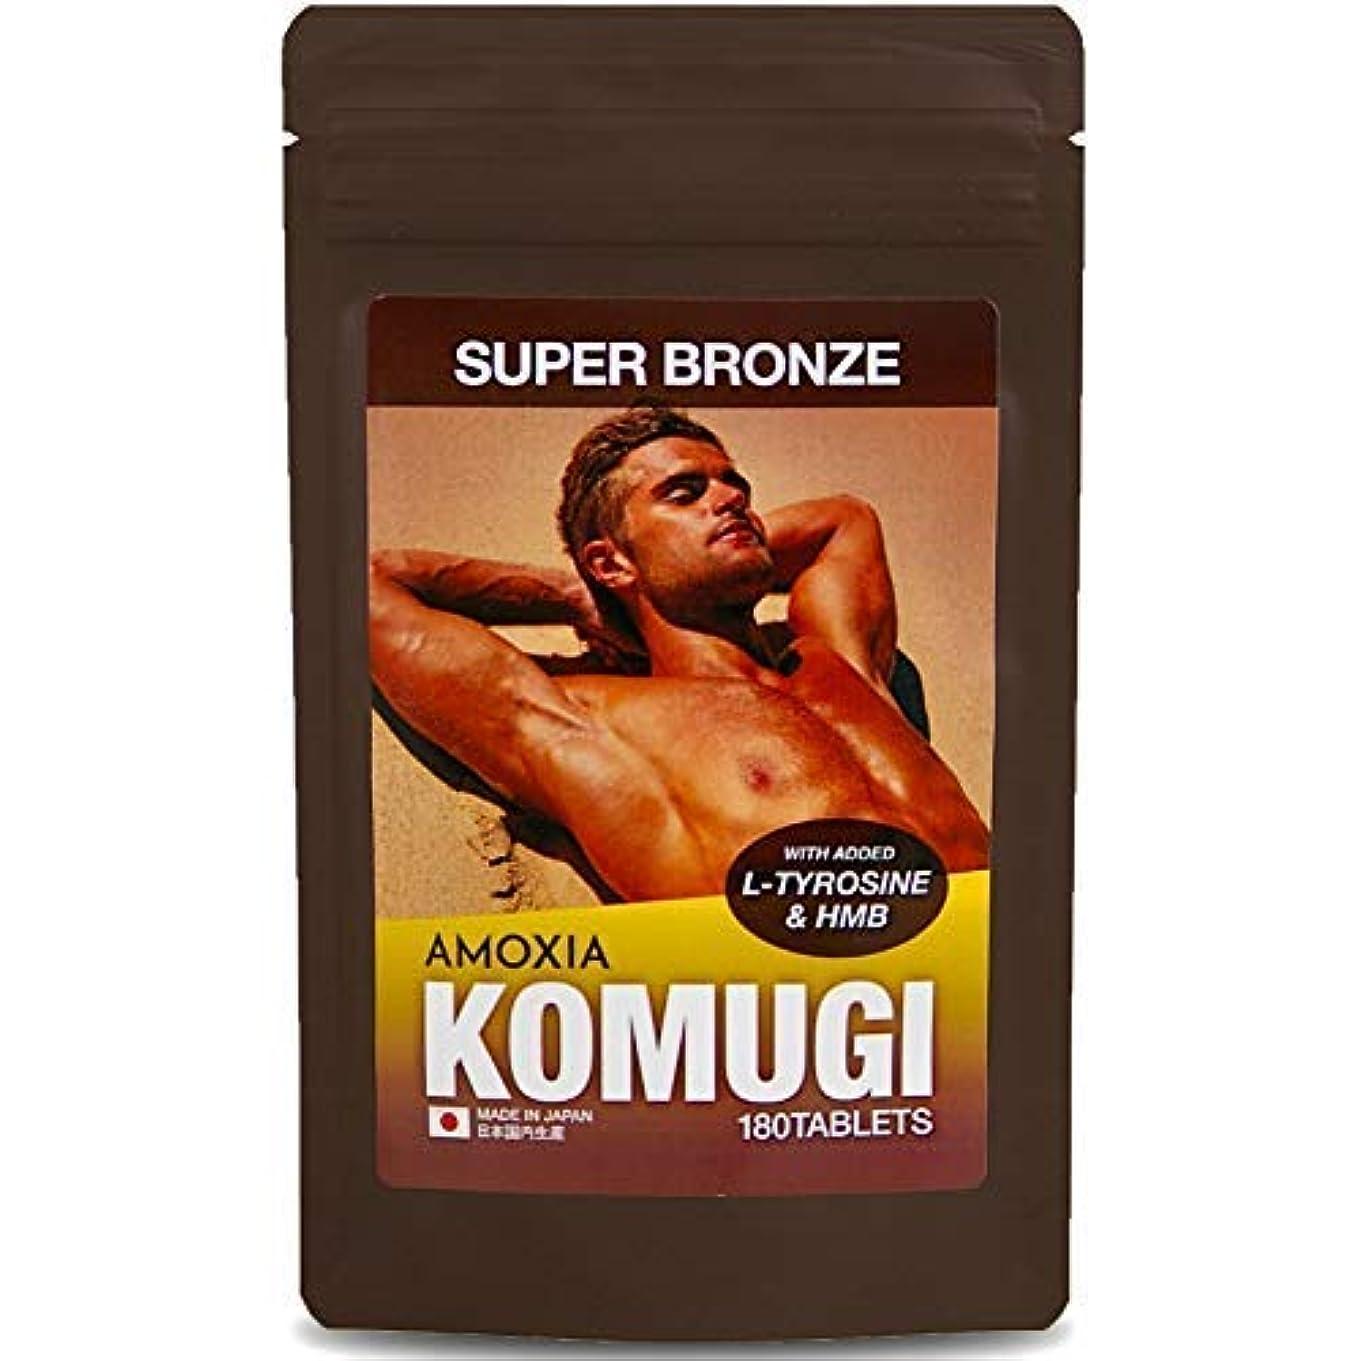 その俳優アナログKOMUGI 日焼けと筋肉増強で新発想の飲むタンニング タンニングサプリメント 安心の国産 HMB配合 国産シェア100%